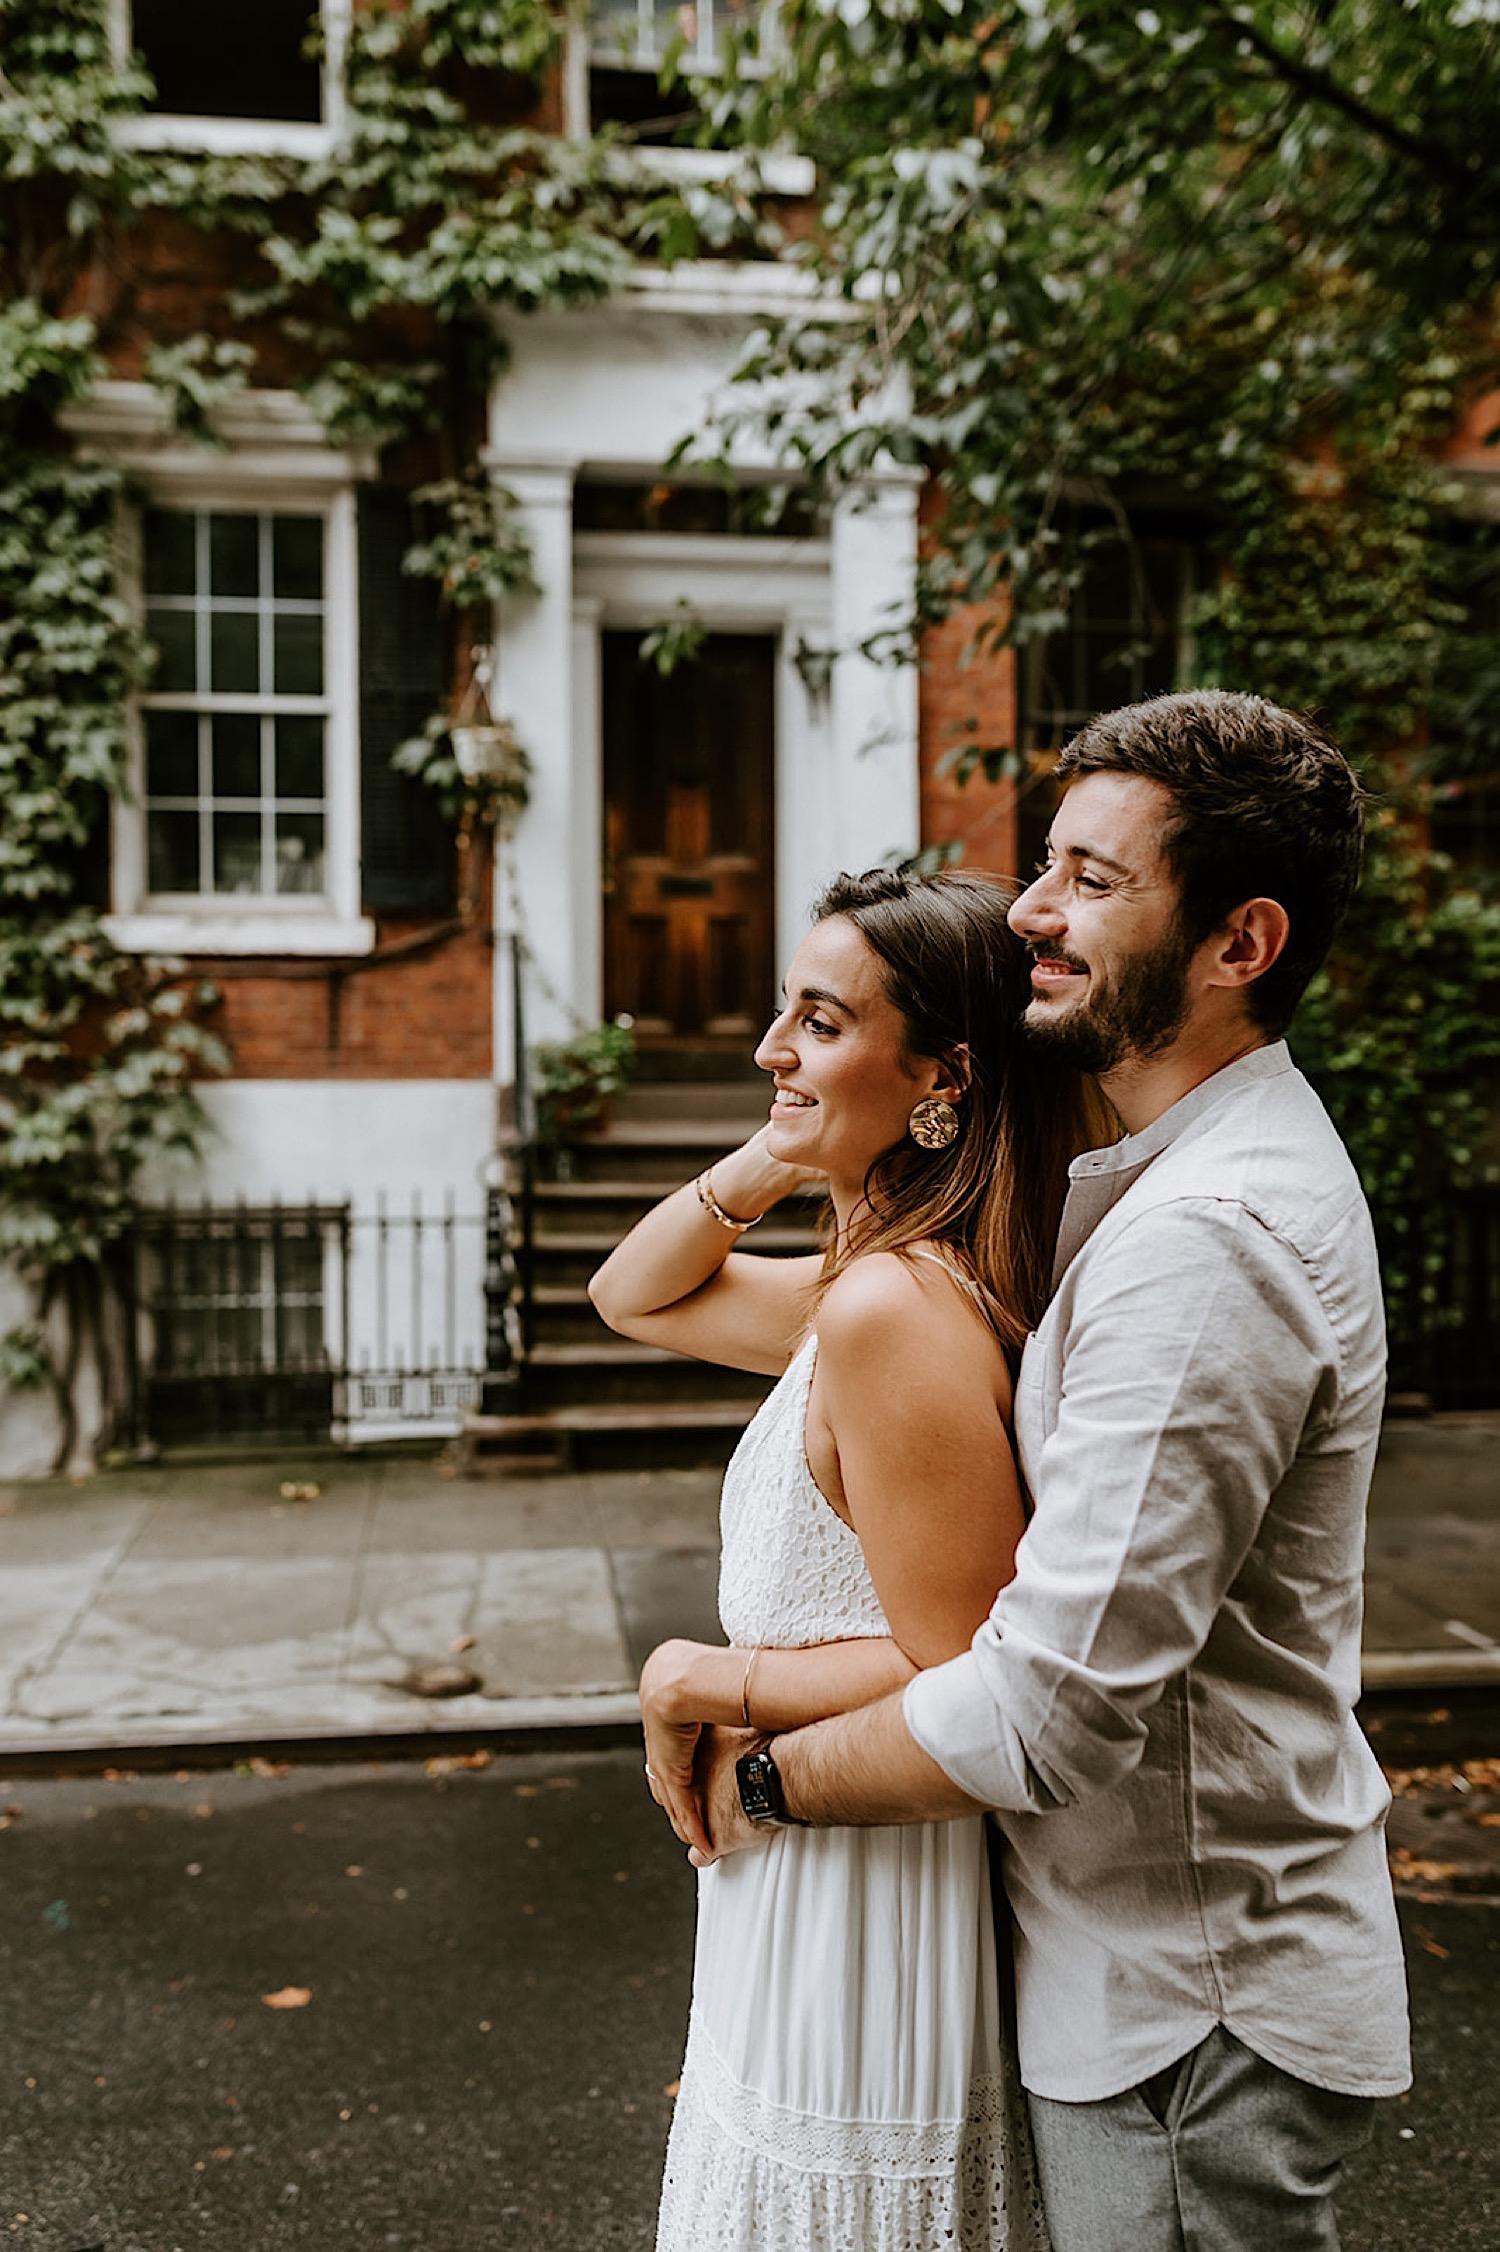 161 Greenwich Village Engagement Photos New York City Engagement Photos NYC Wedding Photographer